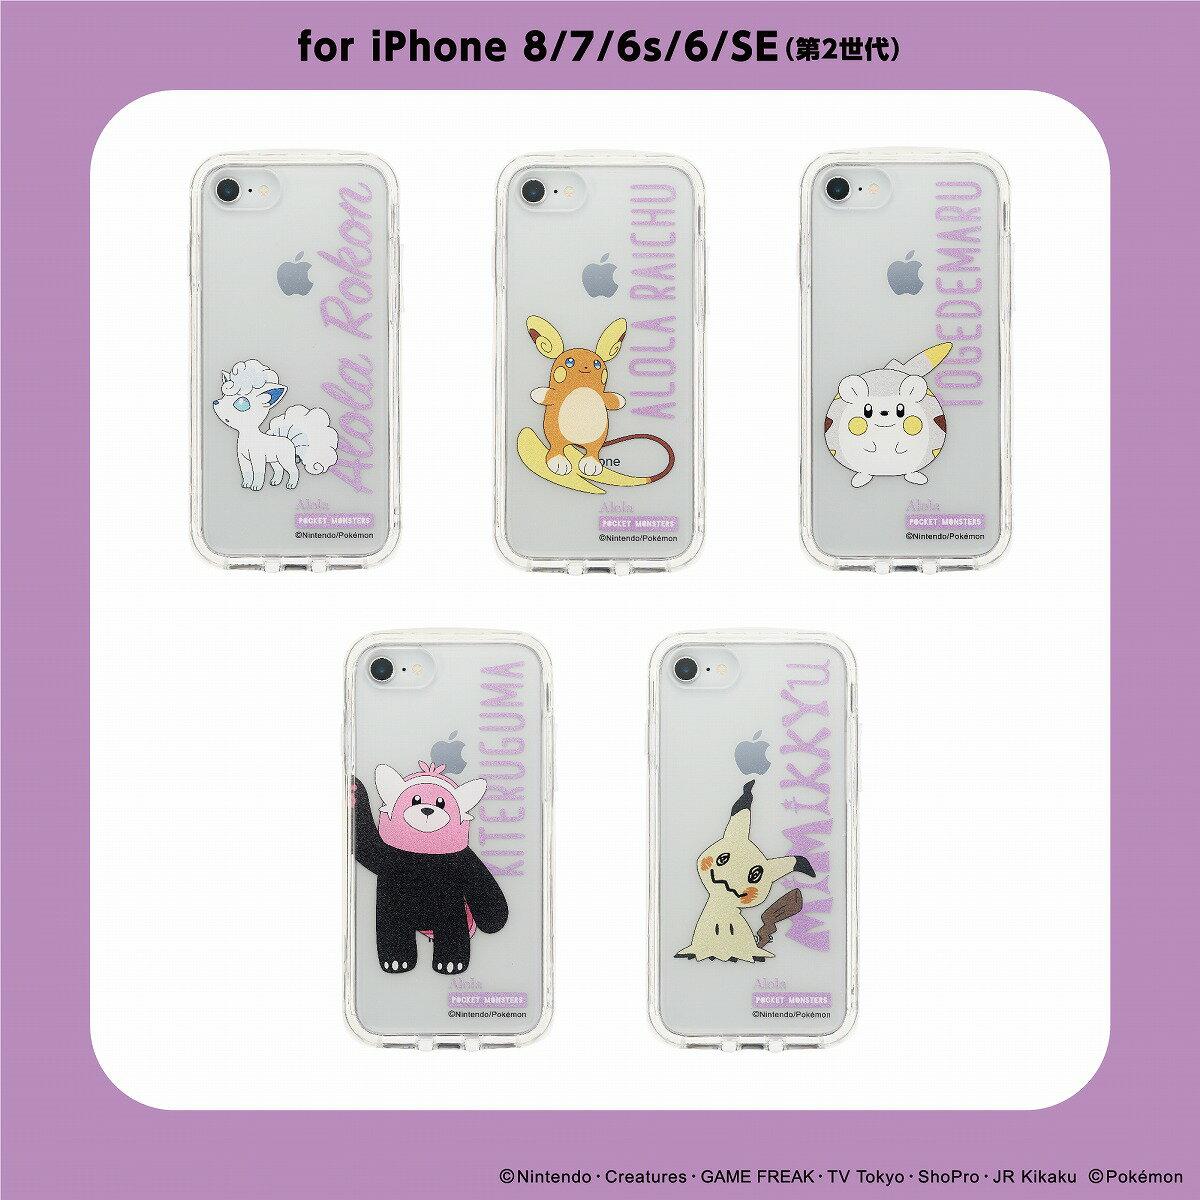 スマートフォン・携帯電話アクセサリー, ケース・カバー iPhoneSE 2 876s6 IJOY 360